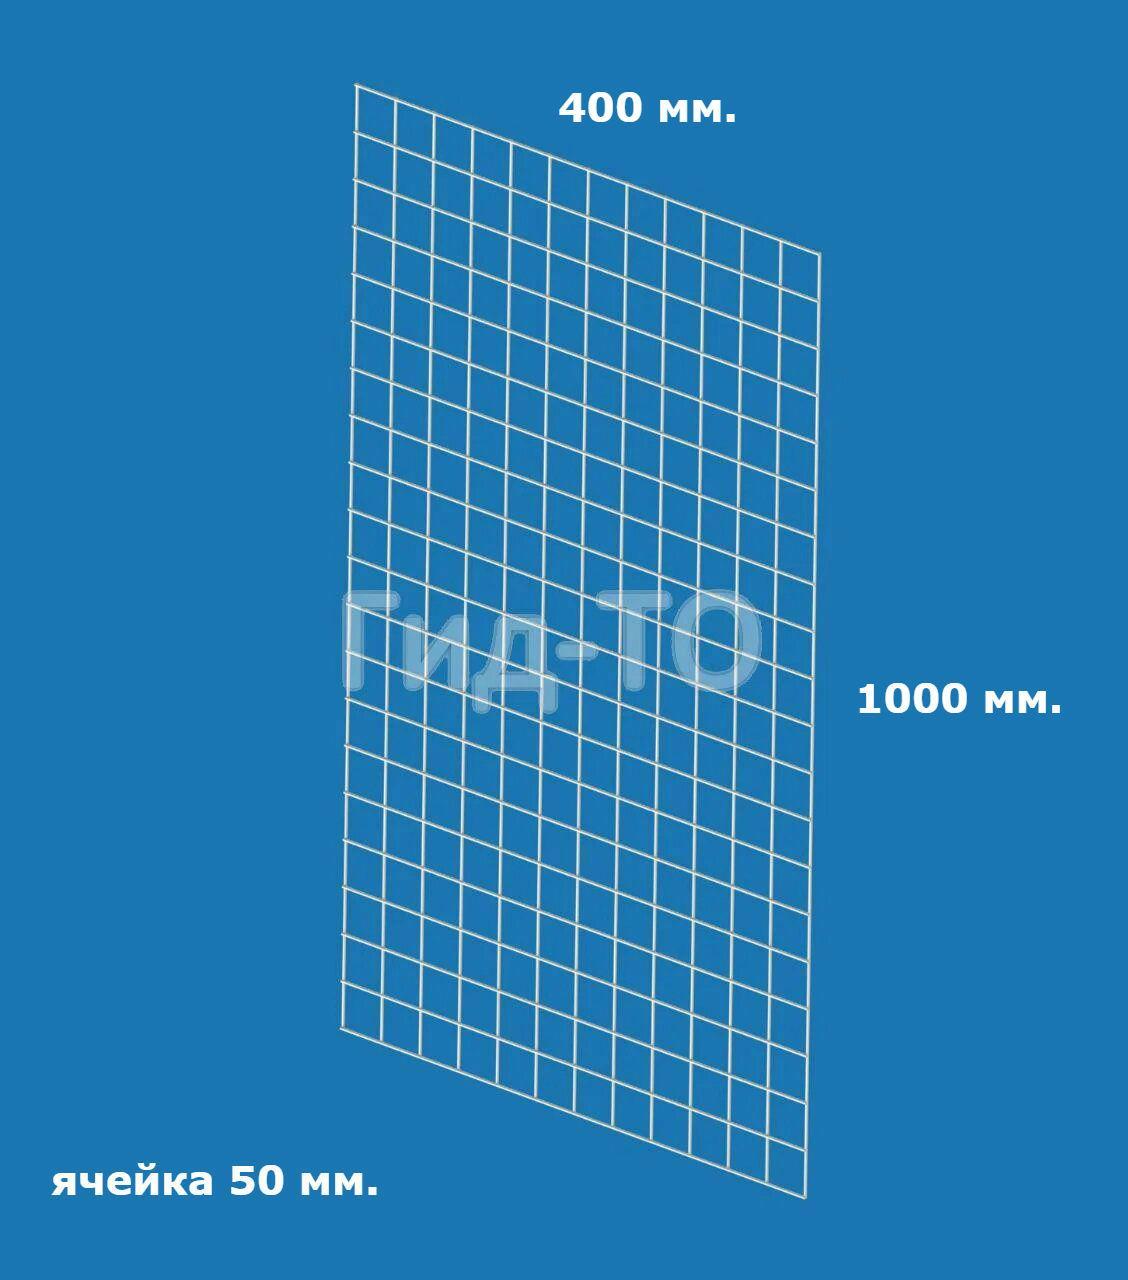 Сетка торговая (1000х400) ячейка 50 мм.